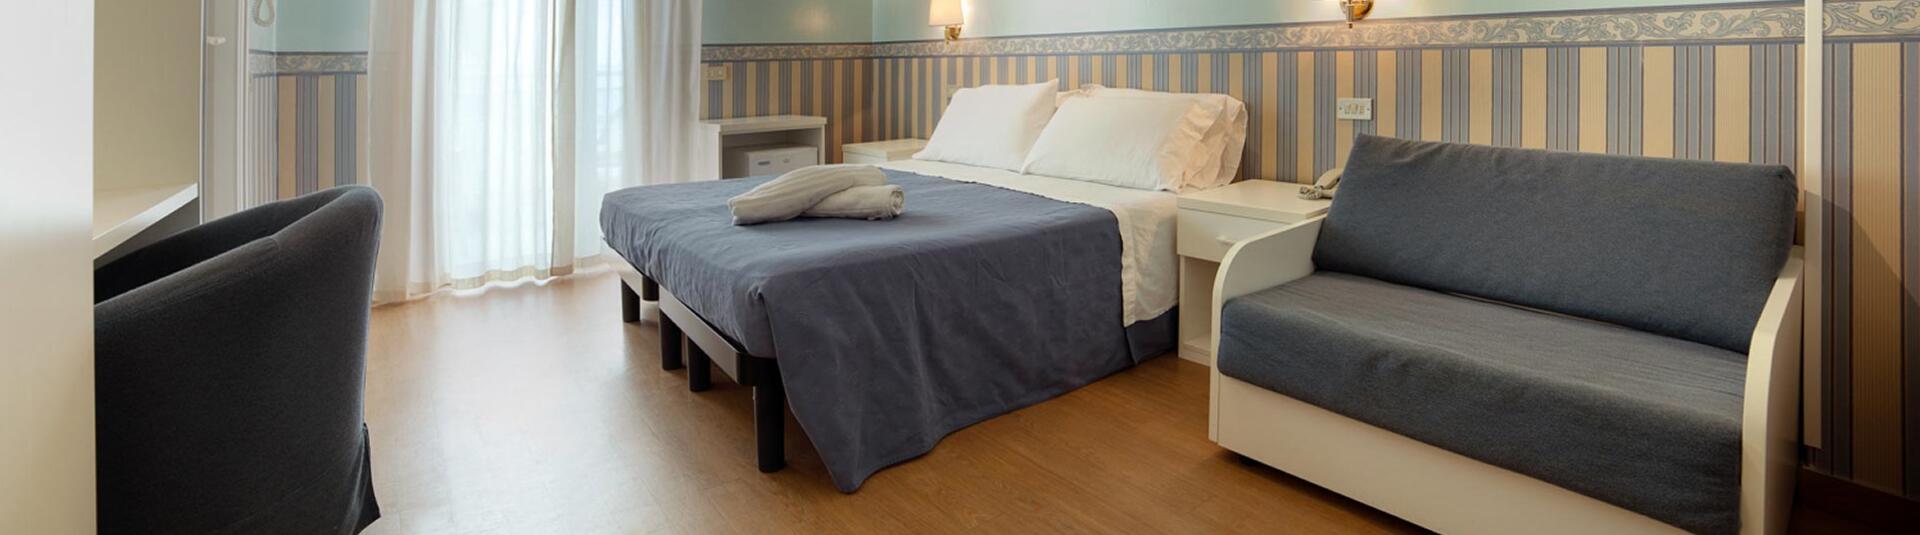 hotelacquamarina en prices-hotel-riccione 004